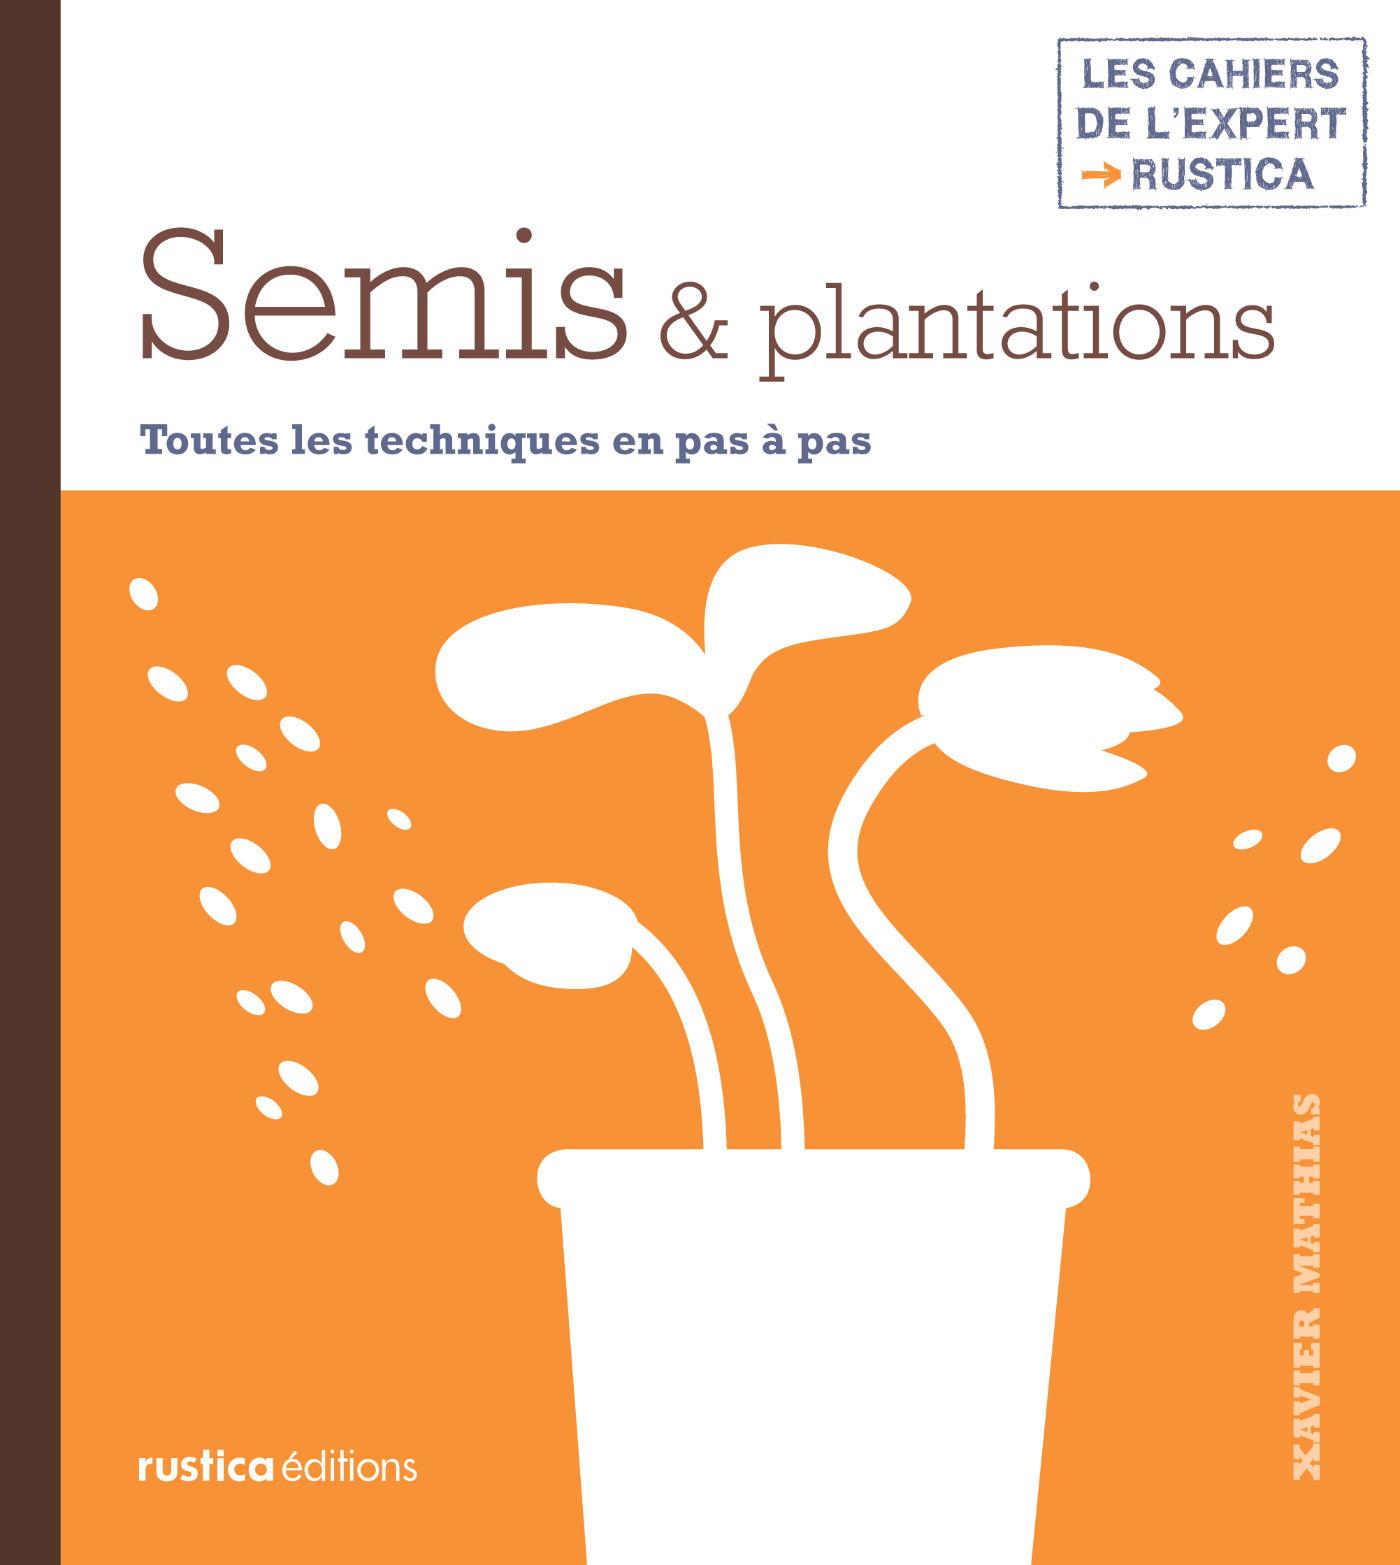 Semis & plantations, TOUTES LES TECHNIQUES EN PAS À PAS